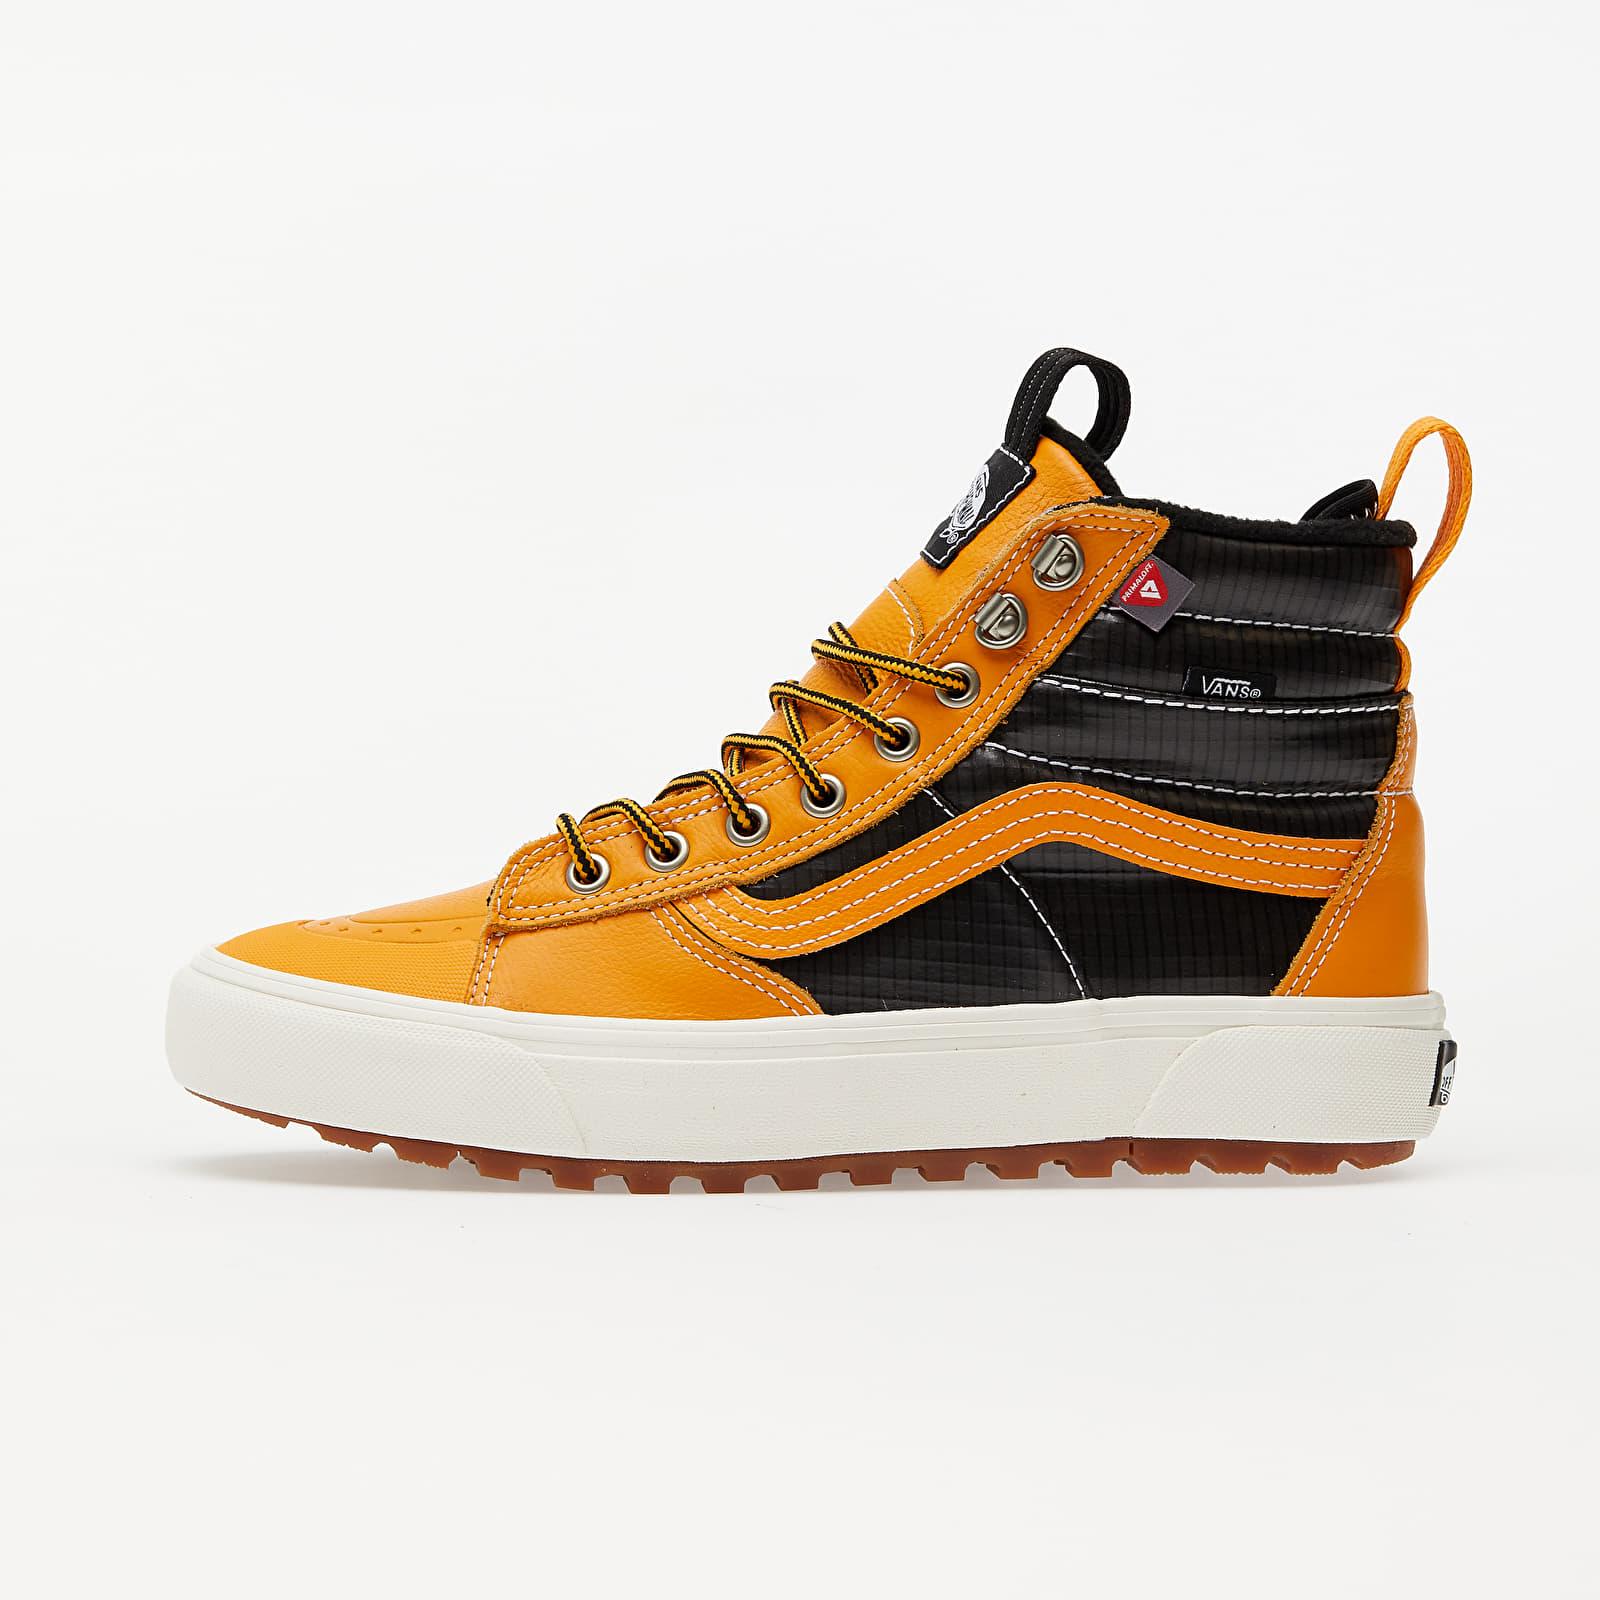 Vans Sk8-Hi MTE 2.0 DX (MTE) Apricot/ Black EUR 42